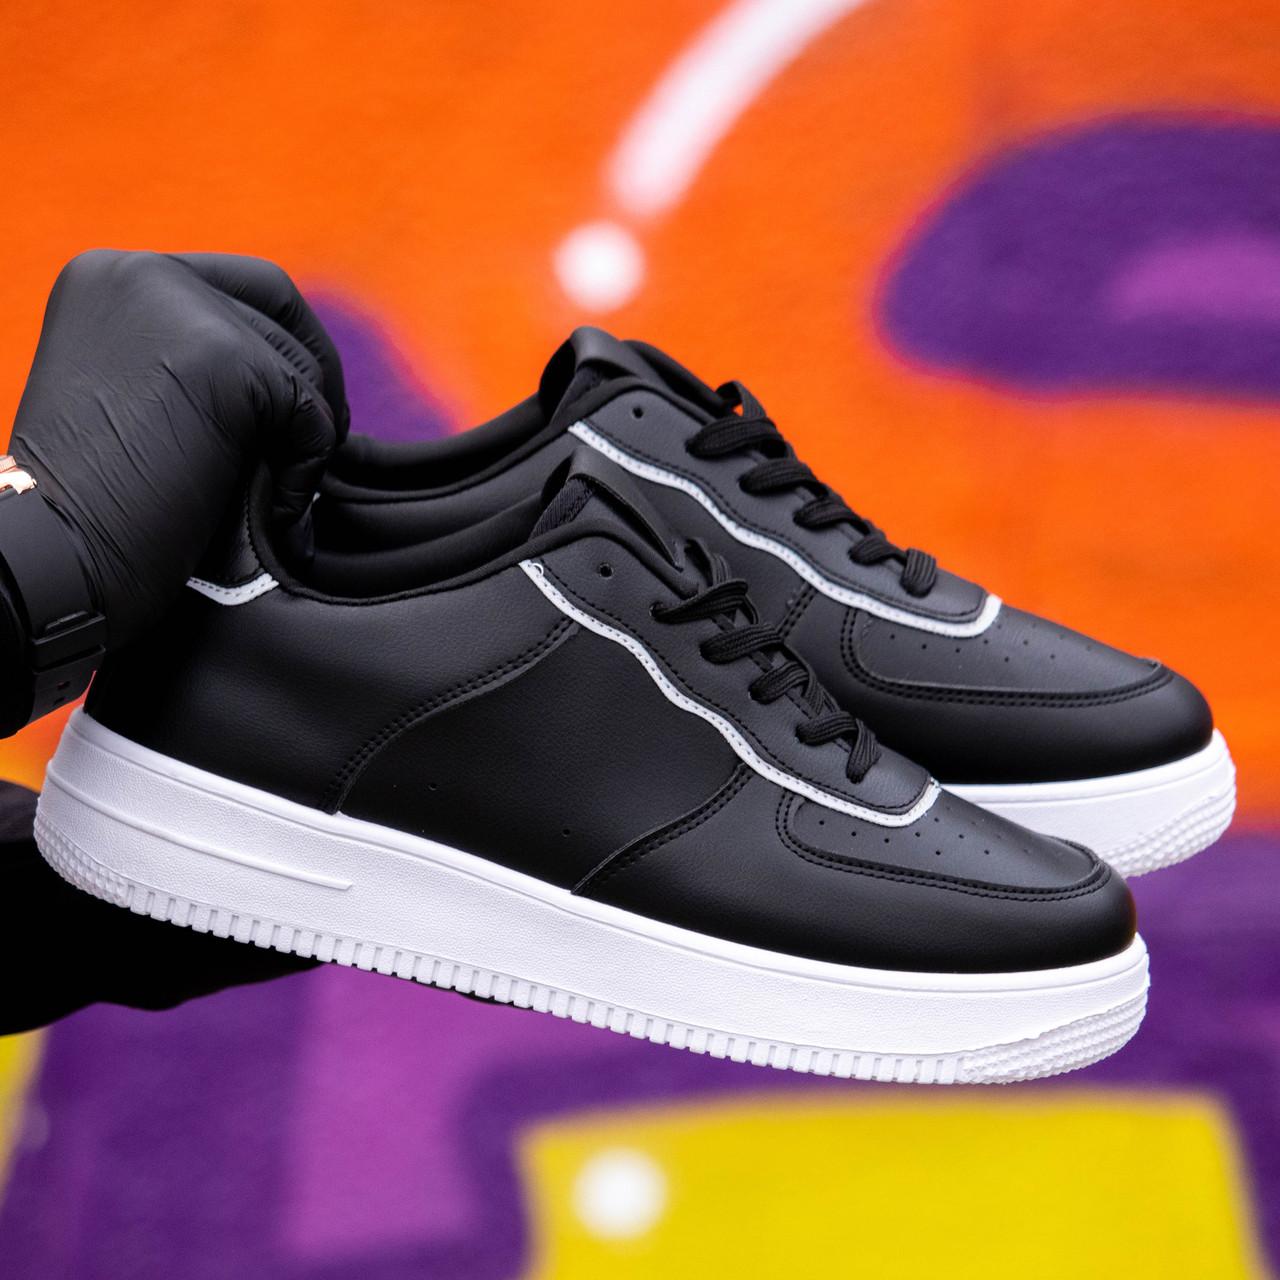 Мужские кроссовки в стиле  Air Force обувь мужская демисезонная Размеры 42,43,45